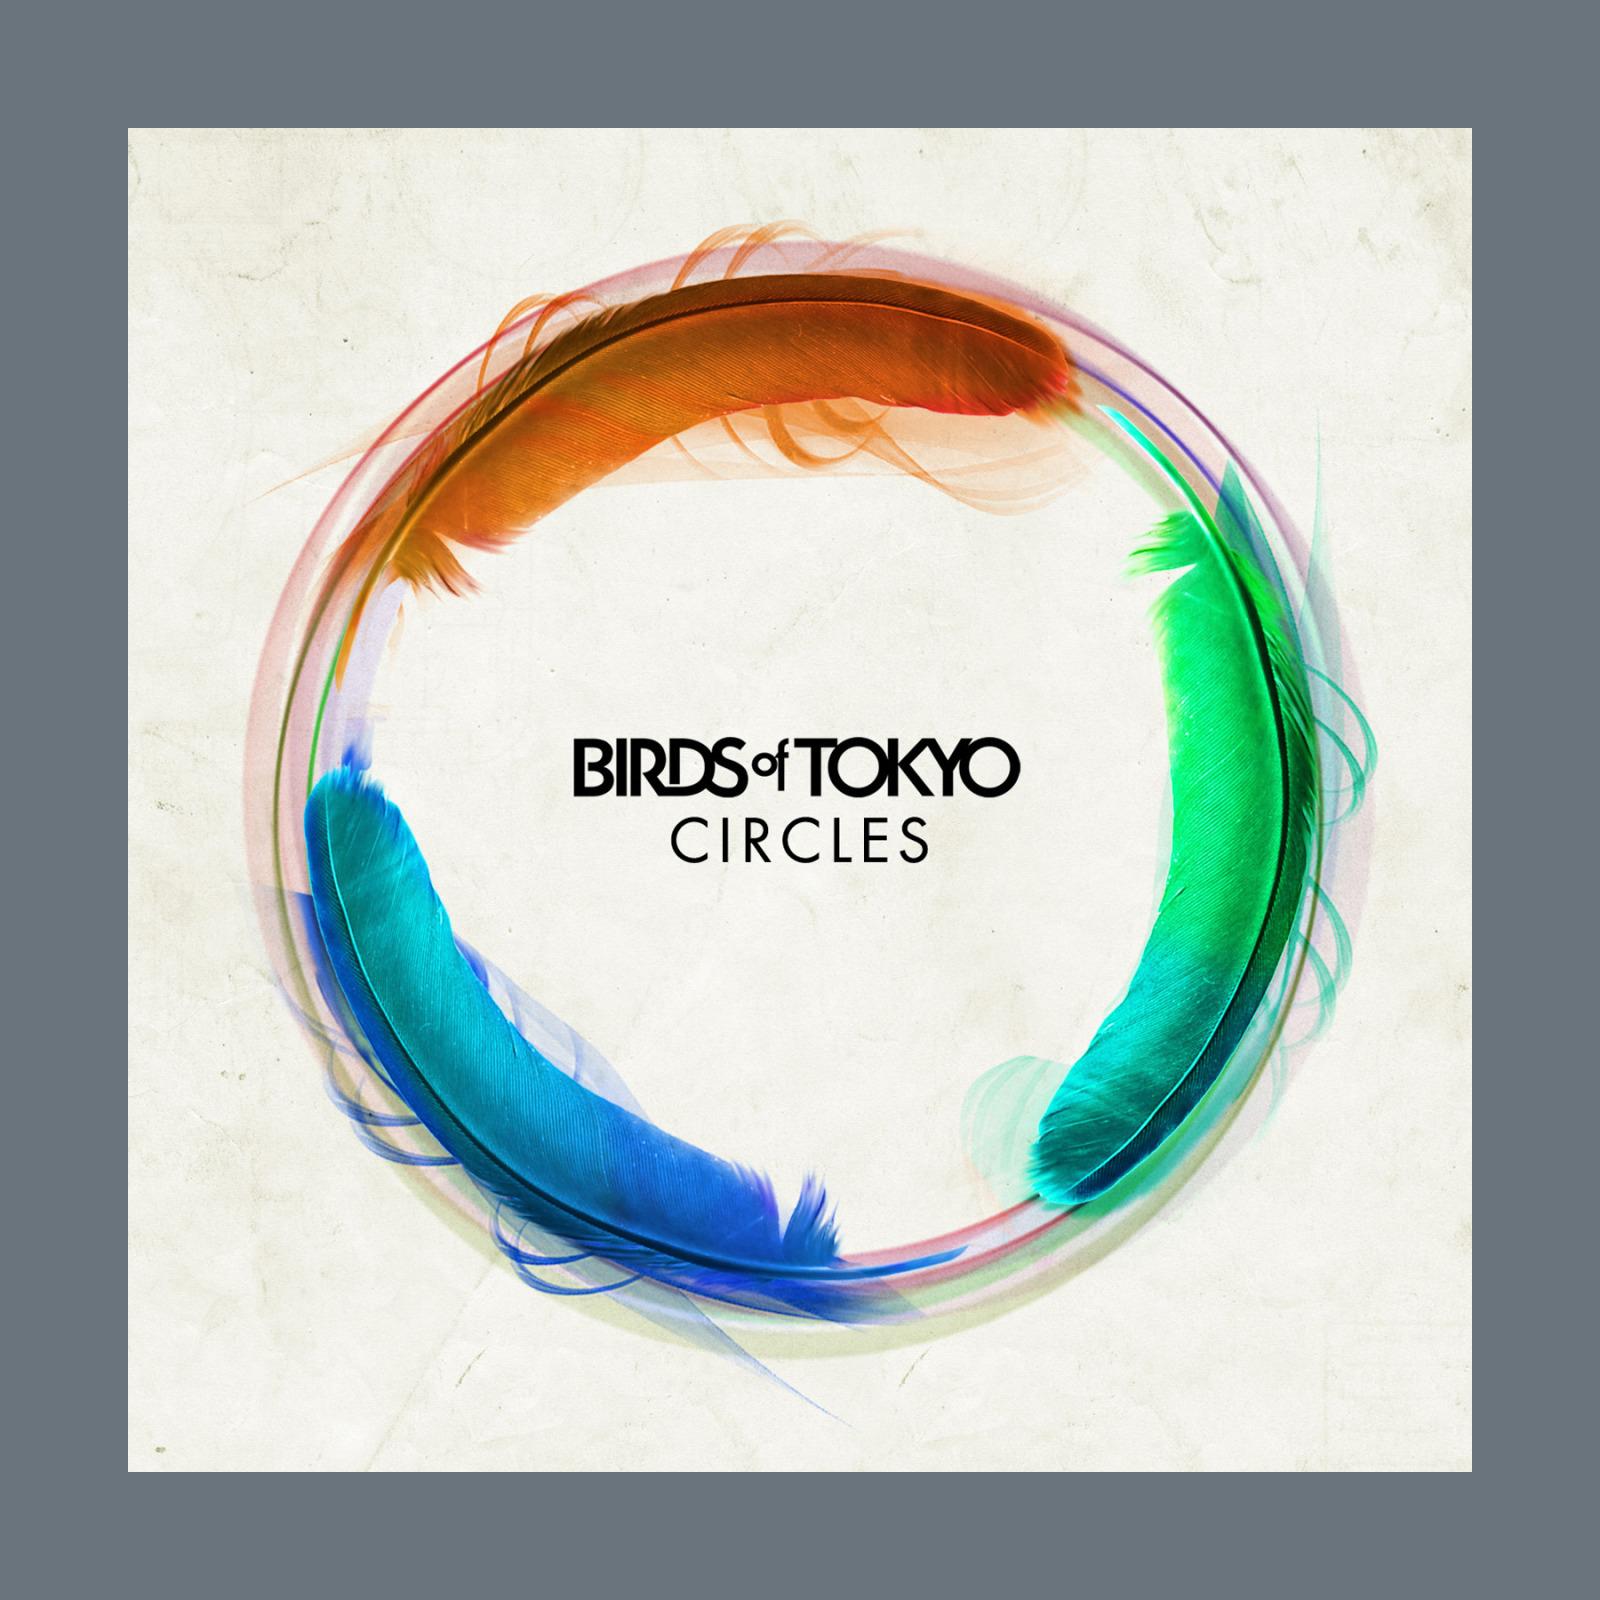 birdsoftokyo_06